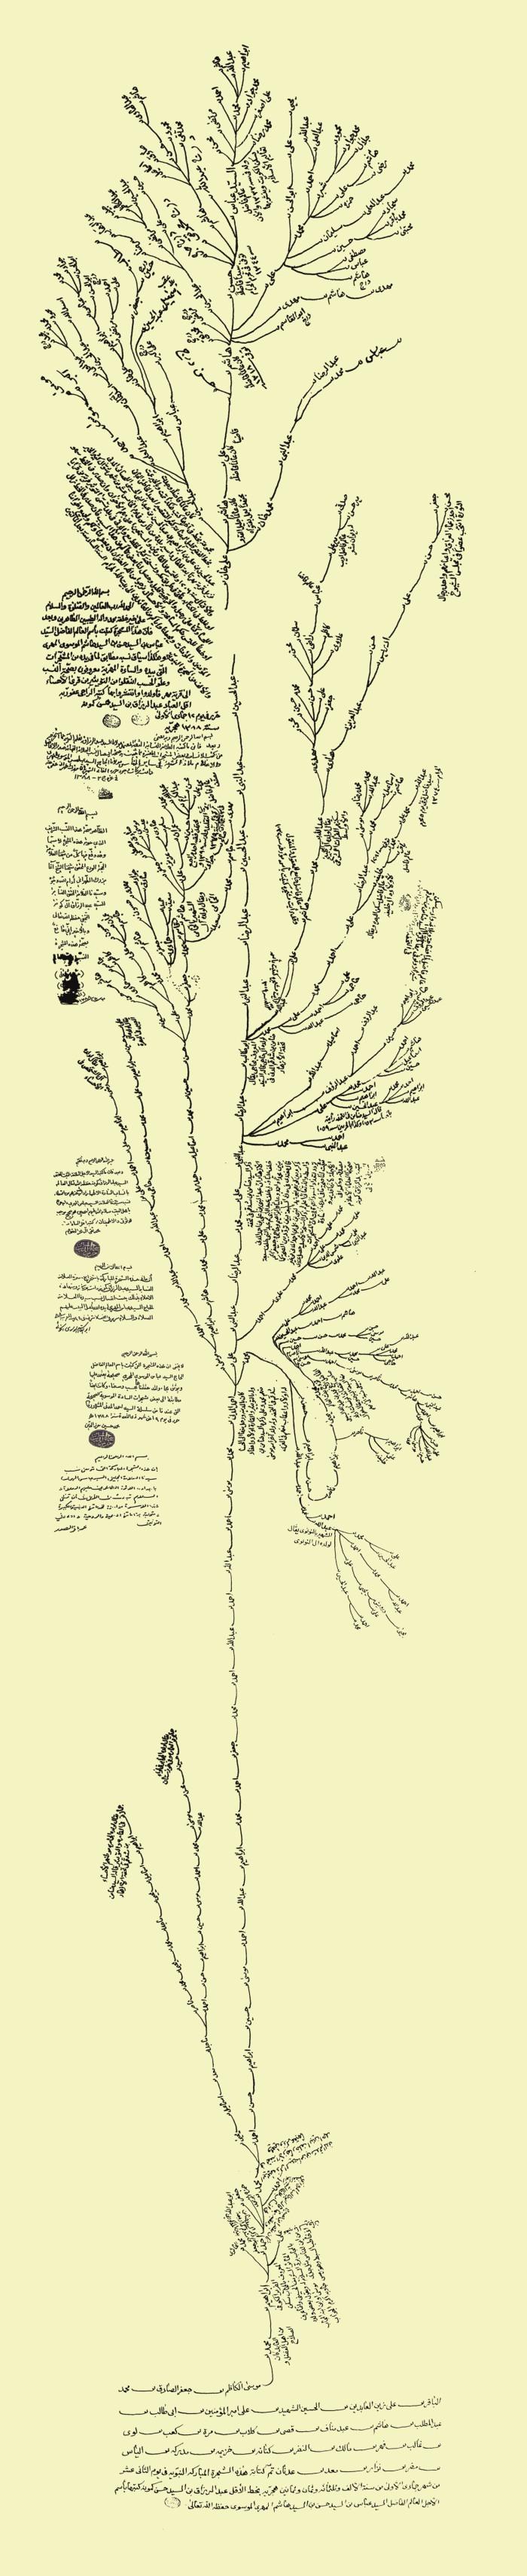 الشجرة المباركة